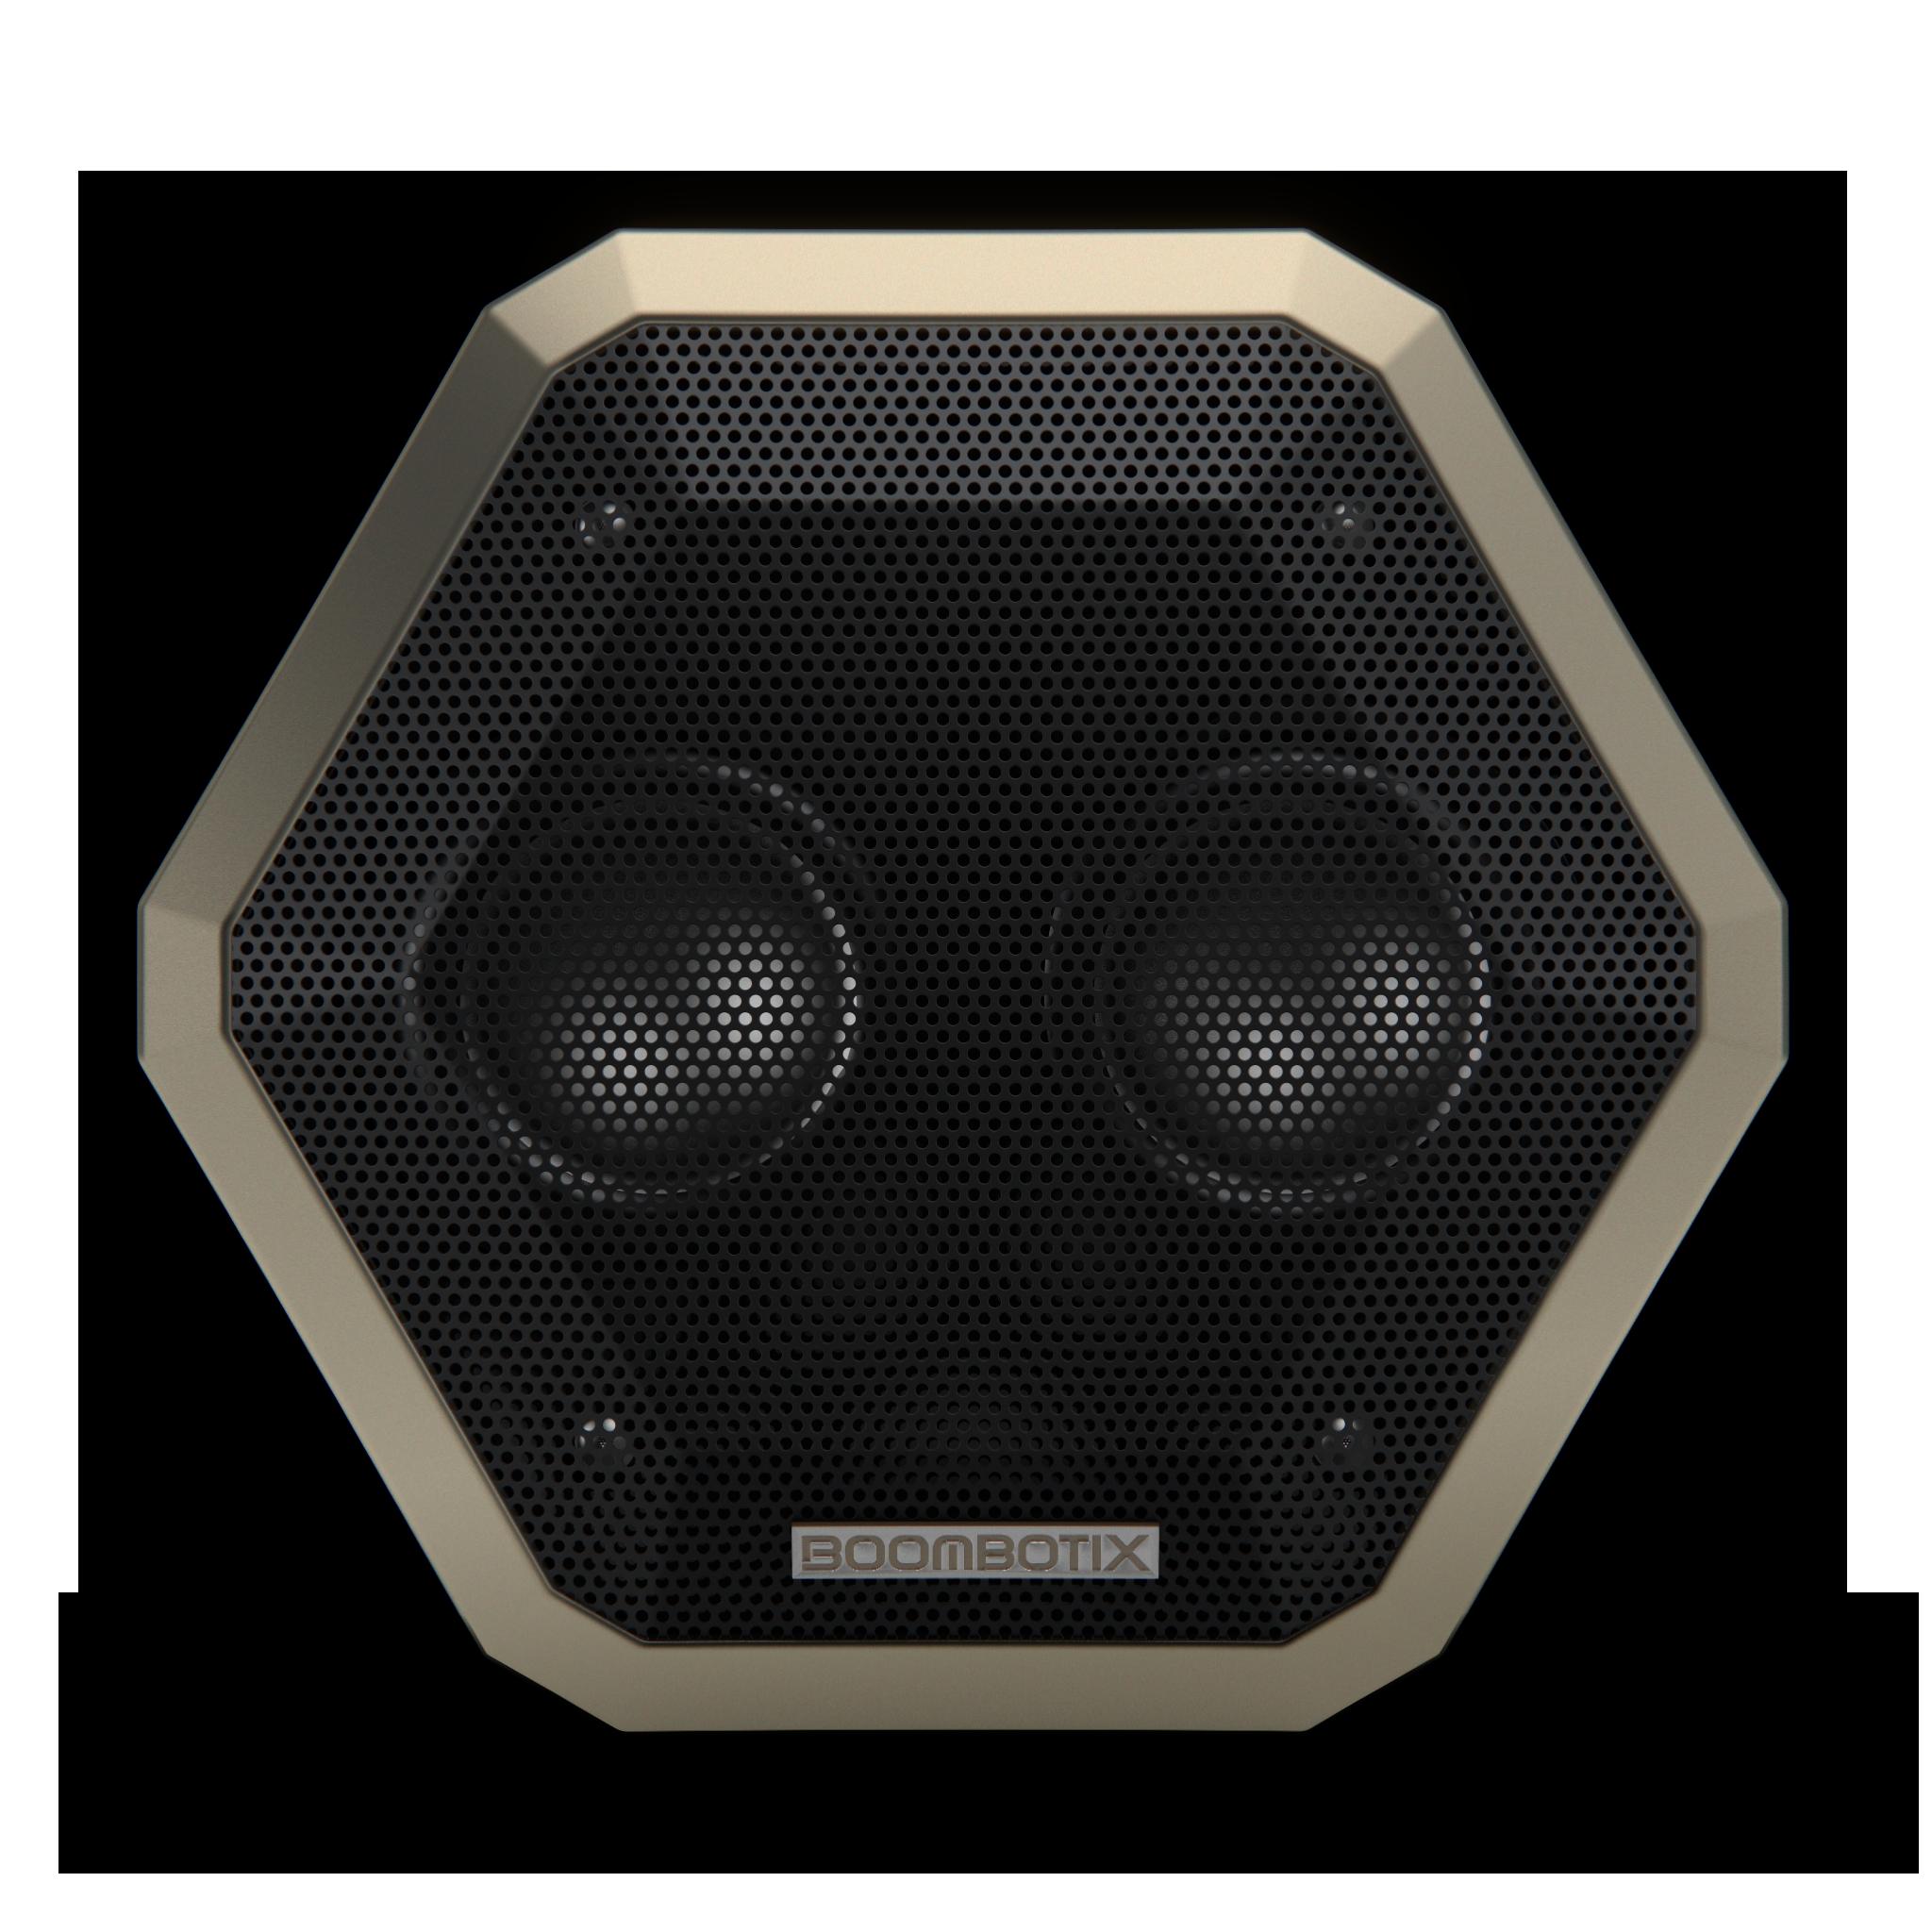 Boombotix speaker detailed face of speaker